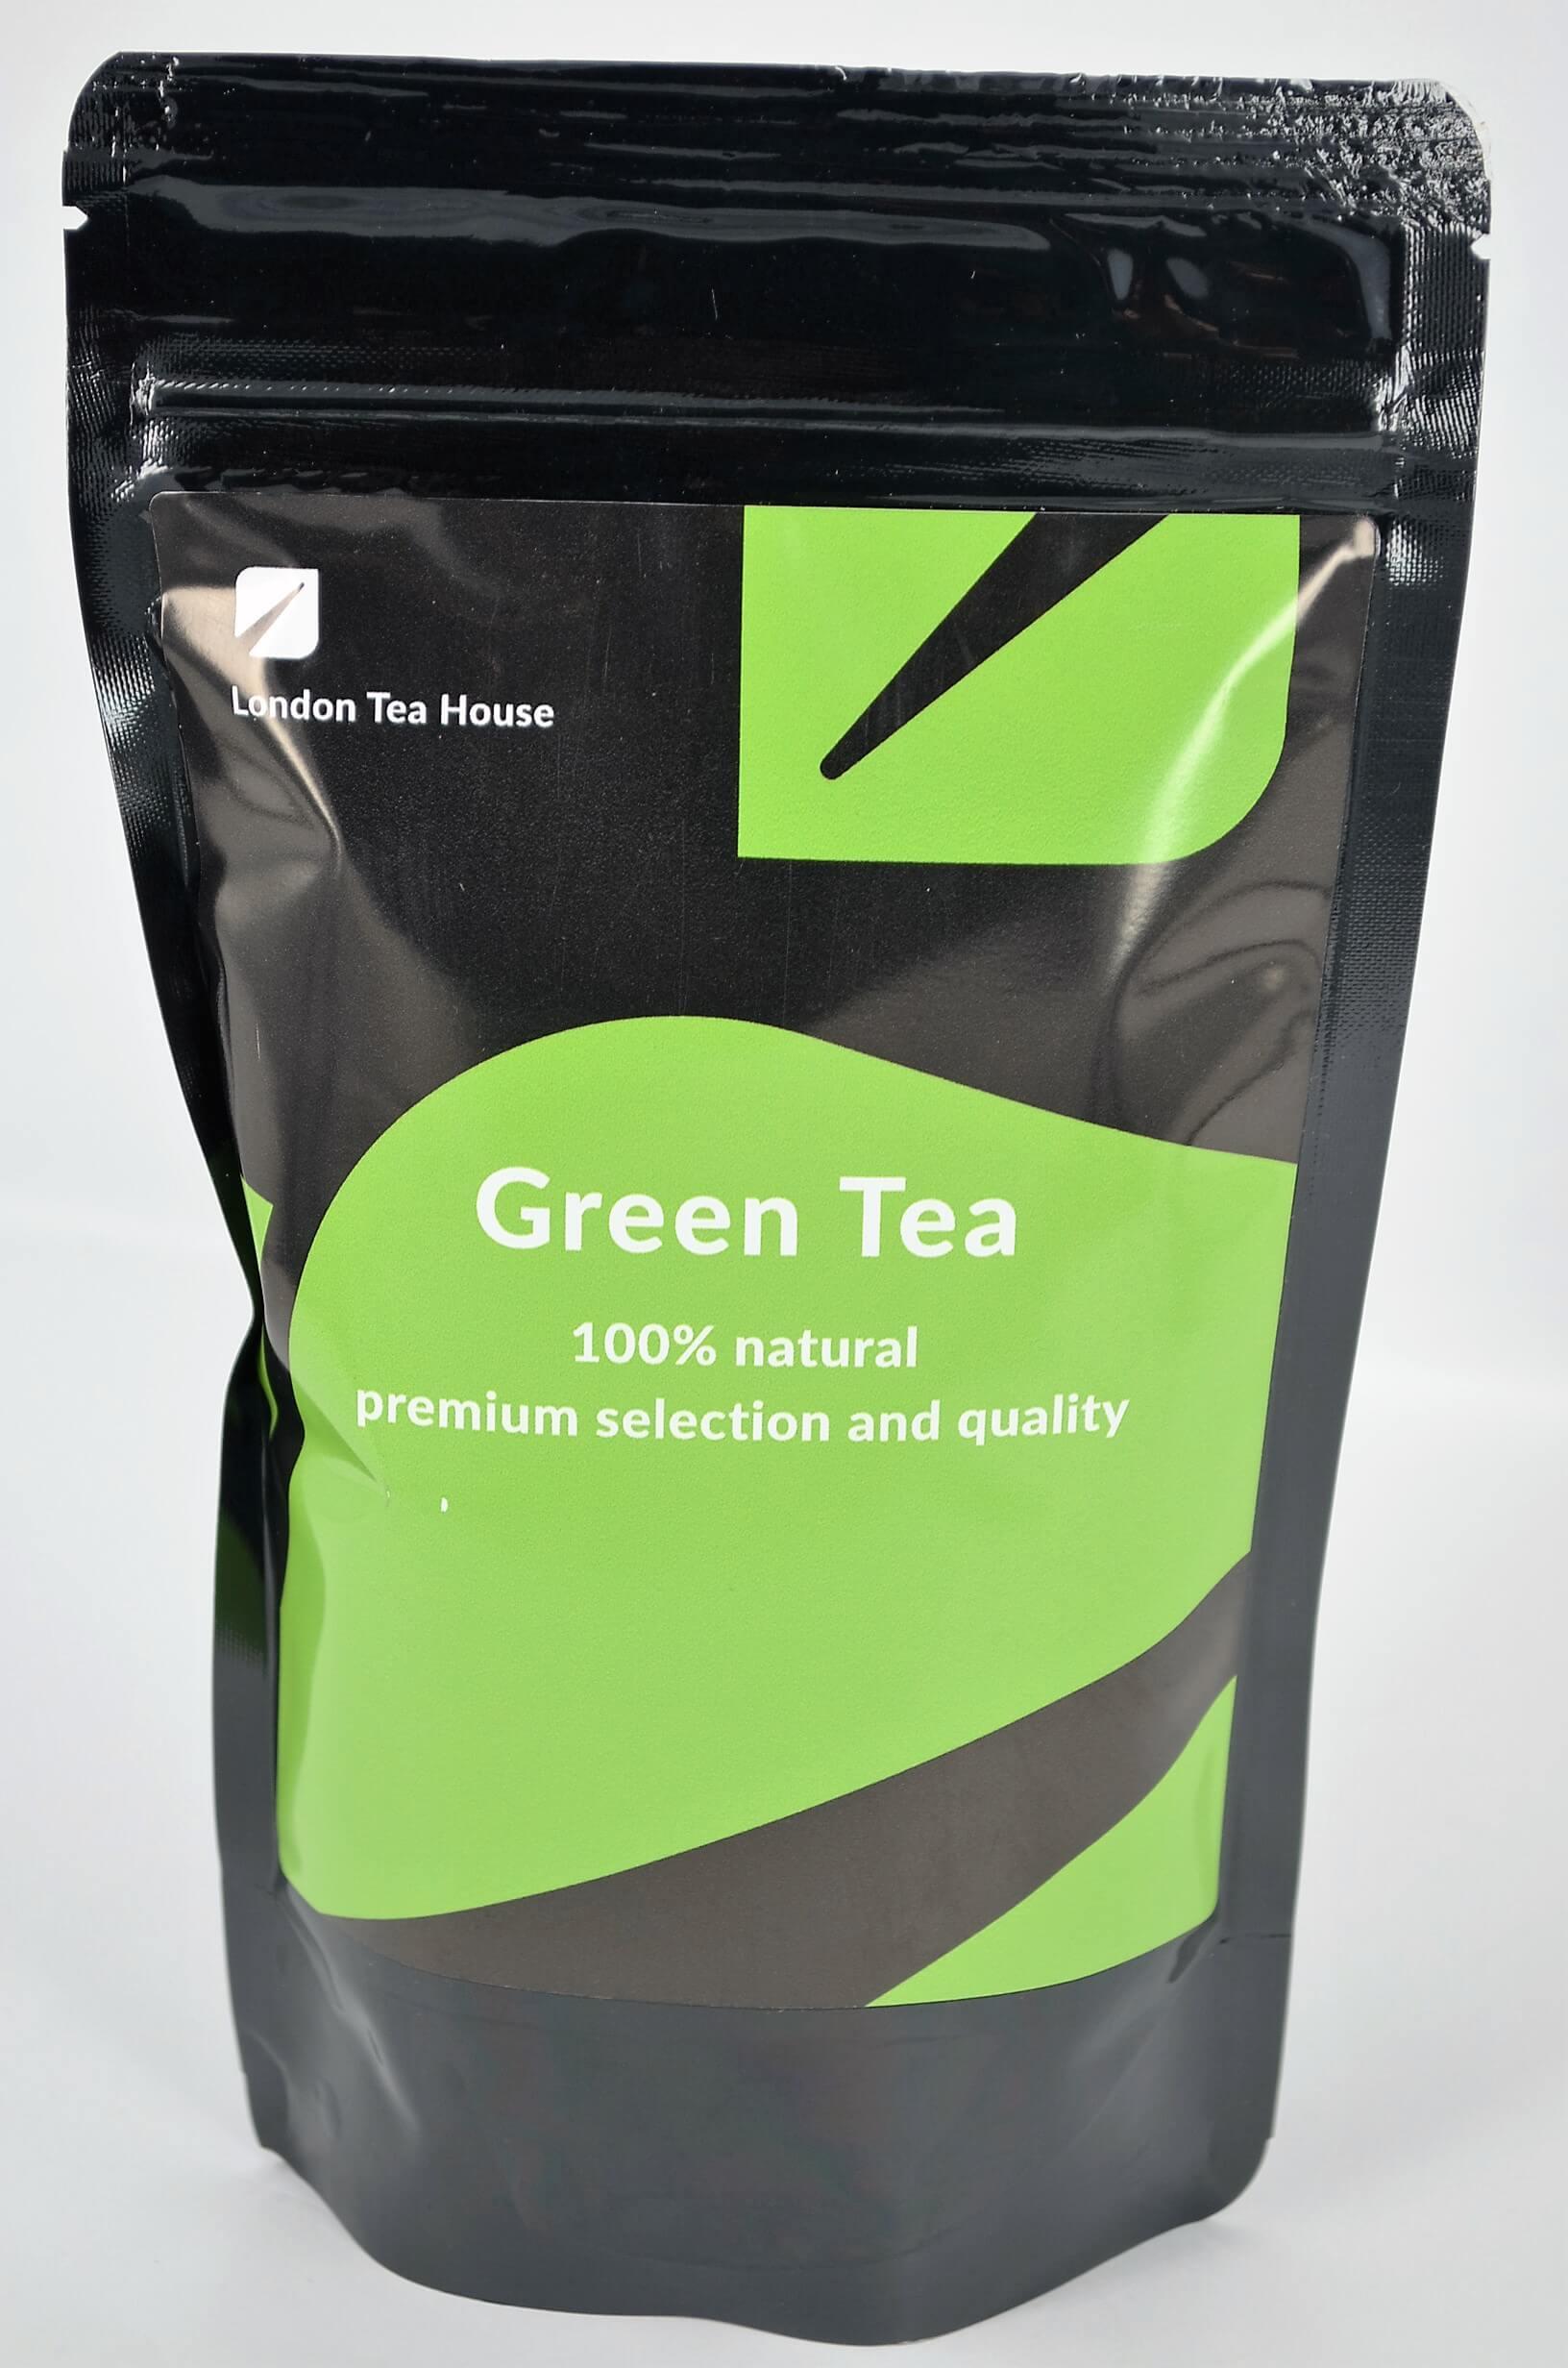 green tea, zielona herbata, zielona herbata green tea, chińska zielona herbata